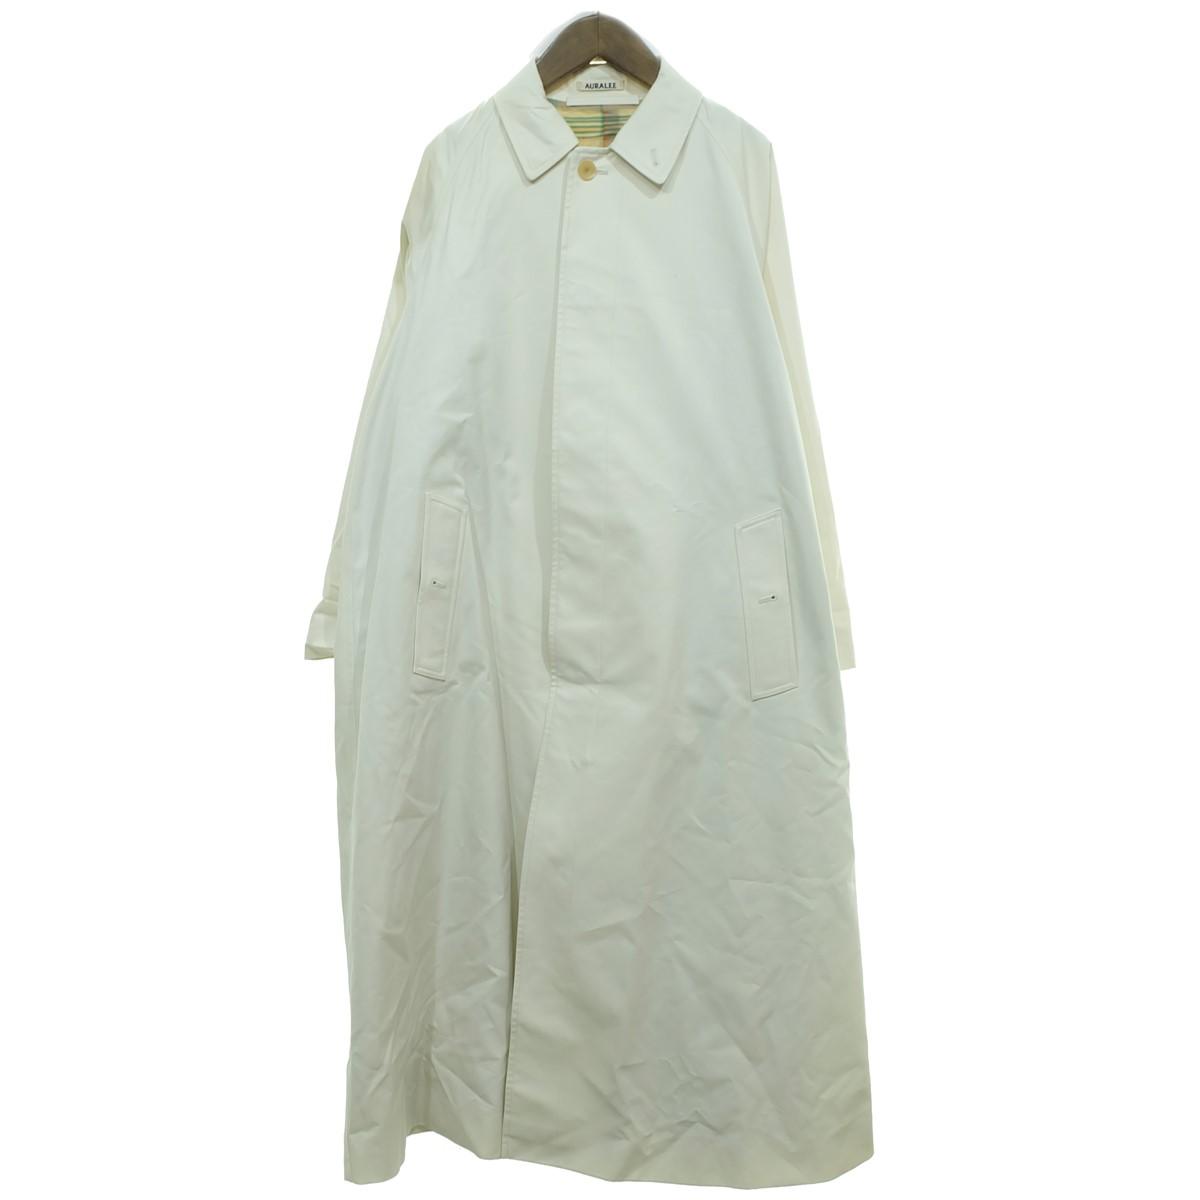 【中古】AURALEE 【2019S/S】 コットンシルクギャバジン ステンカラーコート ホワイト サイズ:0 【200820】(オーラリー)